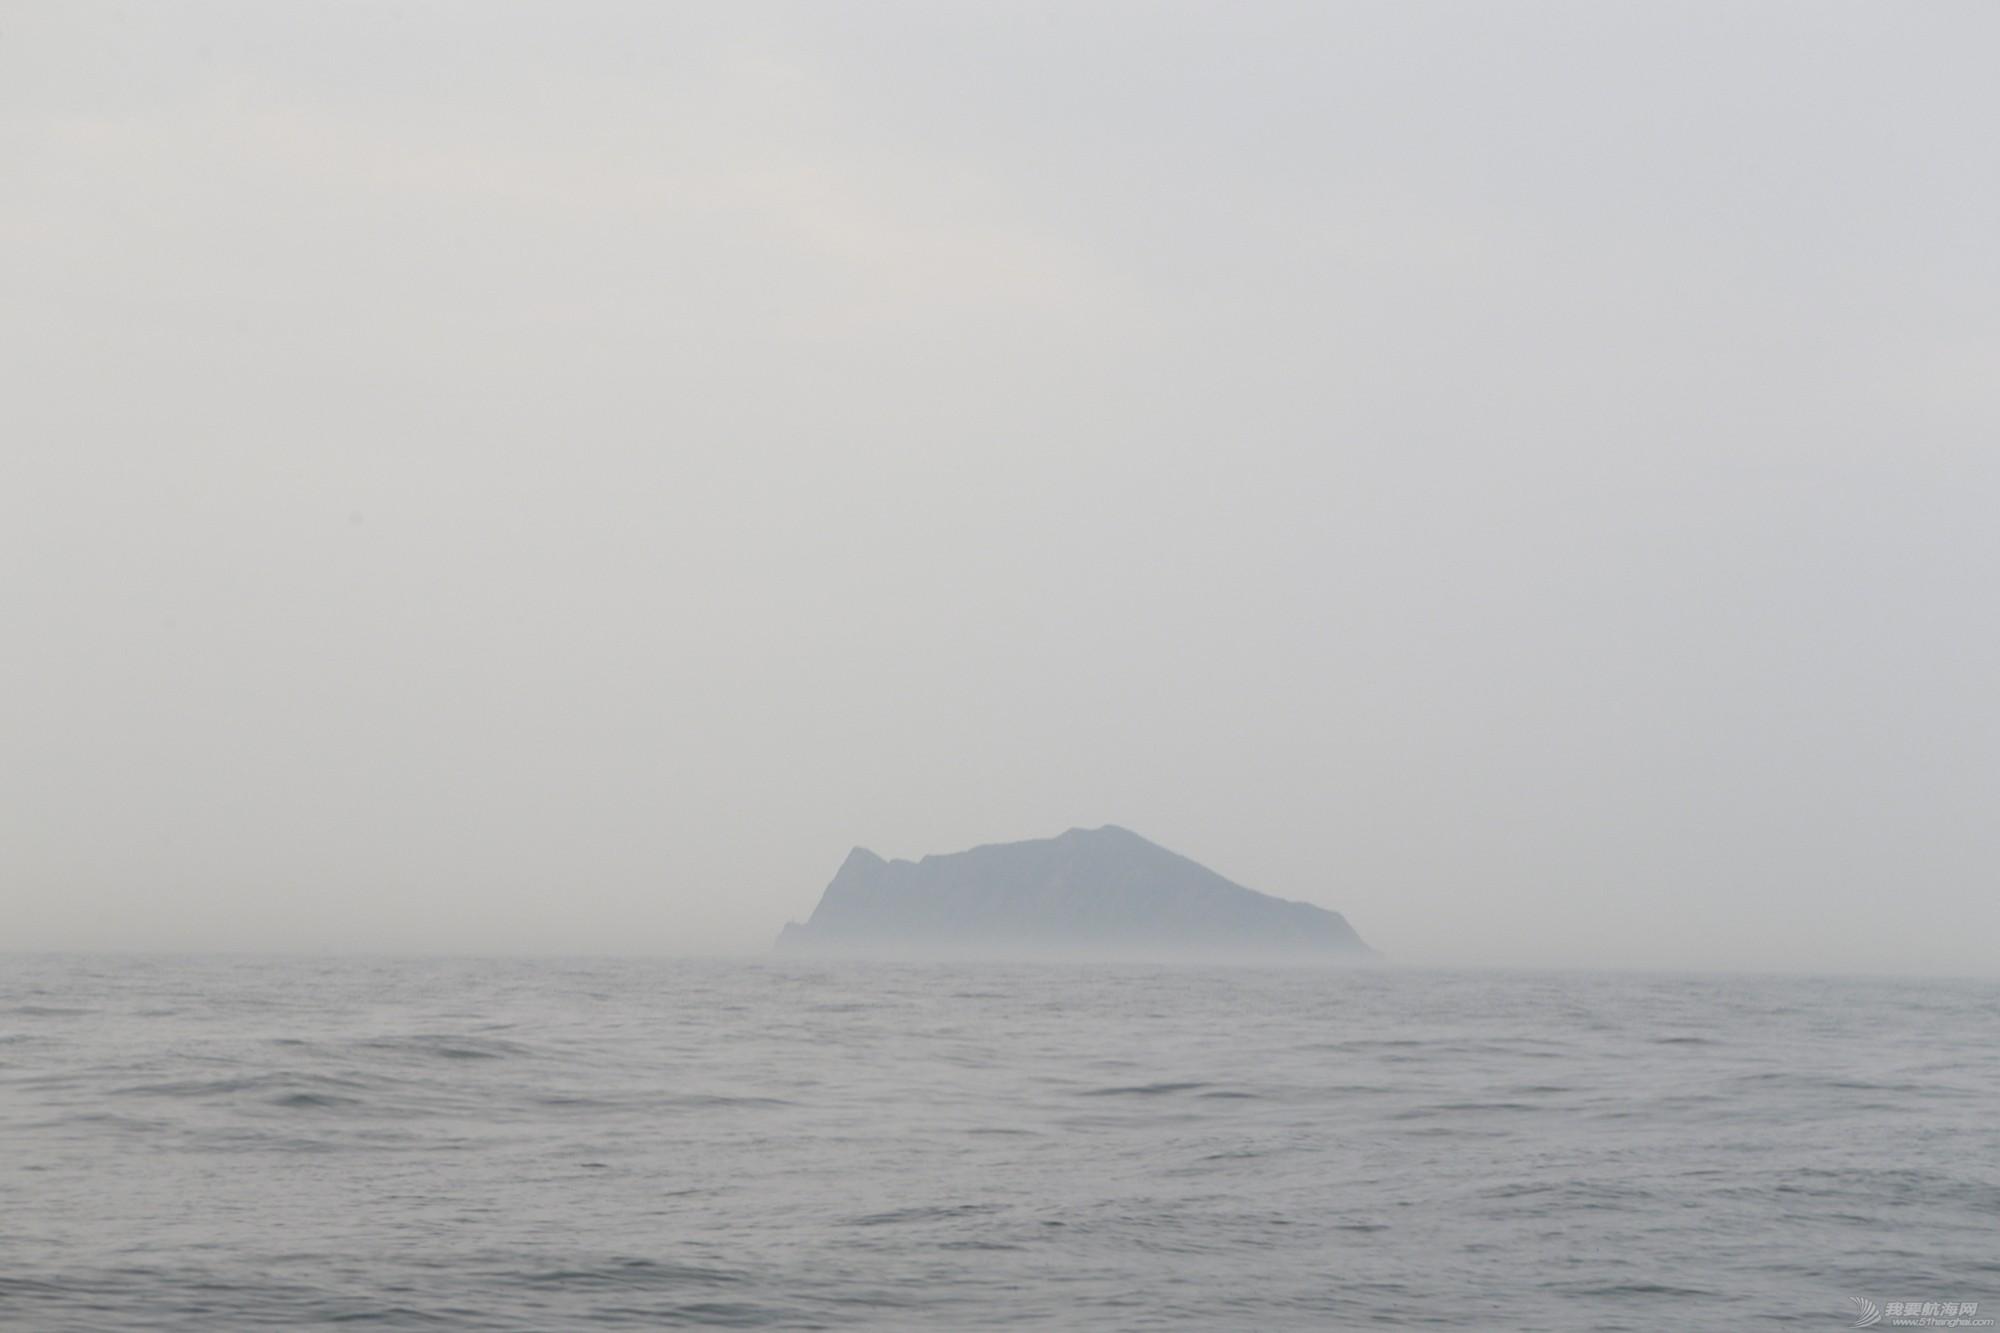 风和日丽,蚂蚁 浪汹雨疾初登蚂蚁岛,风和日丽次临将军石 _MG_8211.JPG